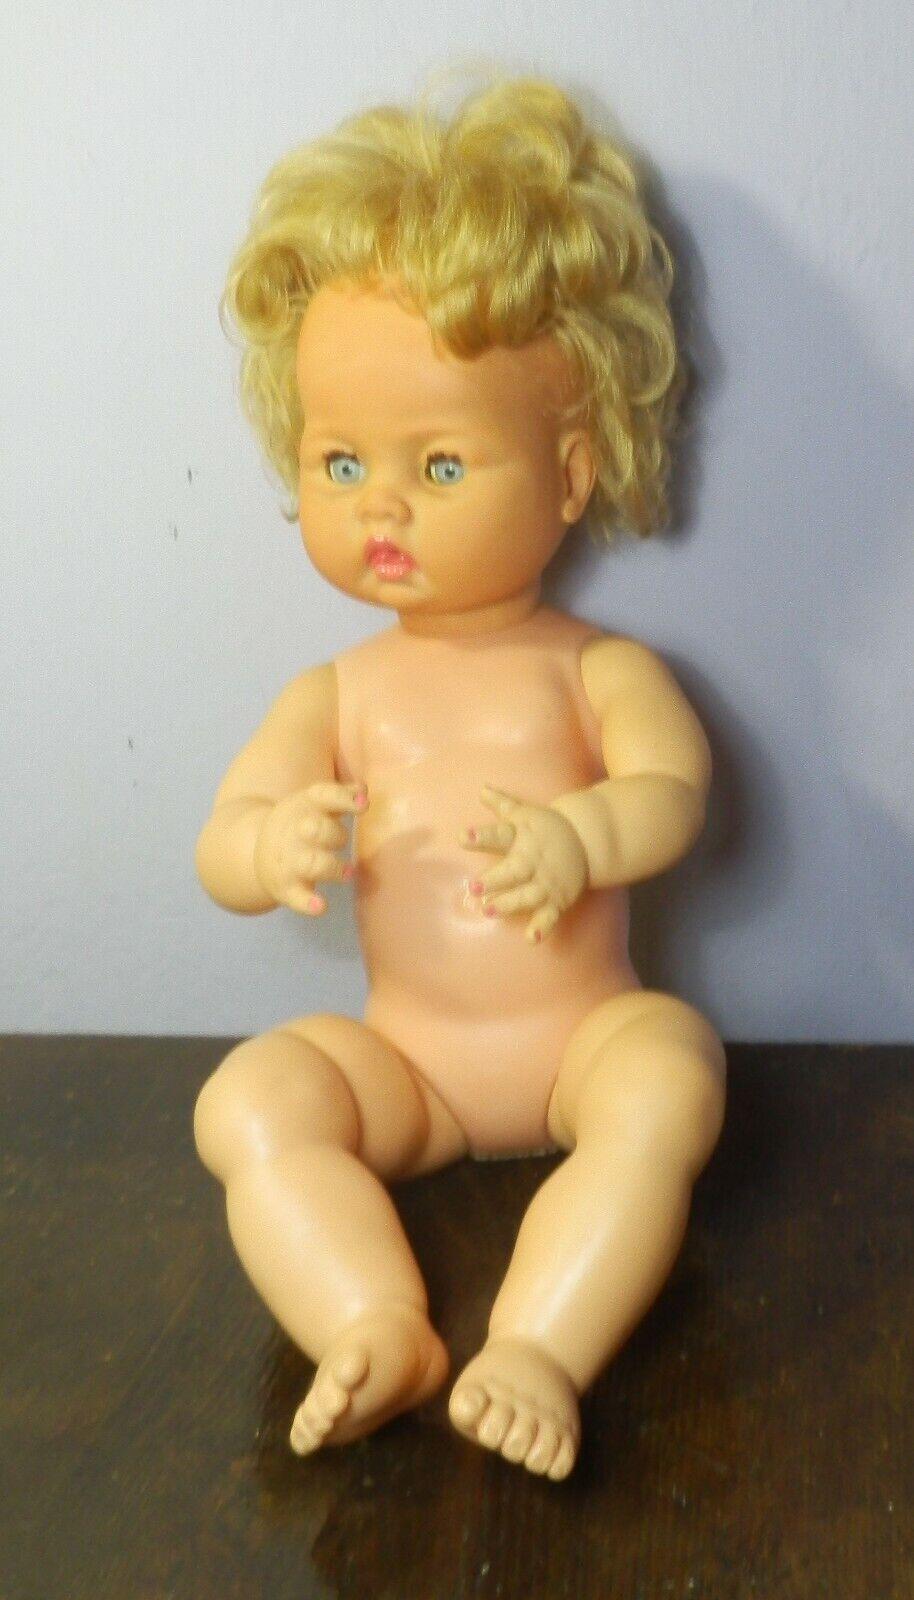 Micetto Ratti non Perfetto Poupee Puppen  Vintage Antico  caldo